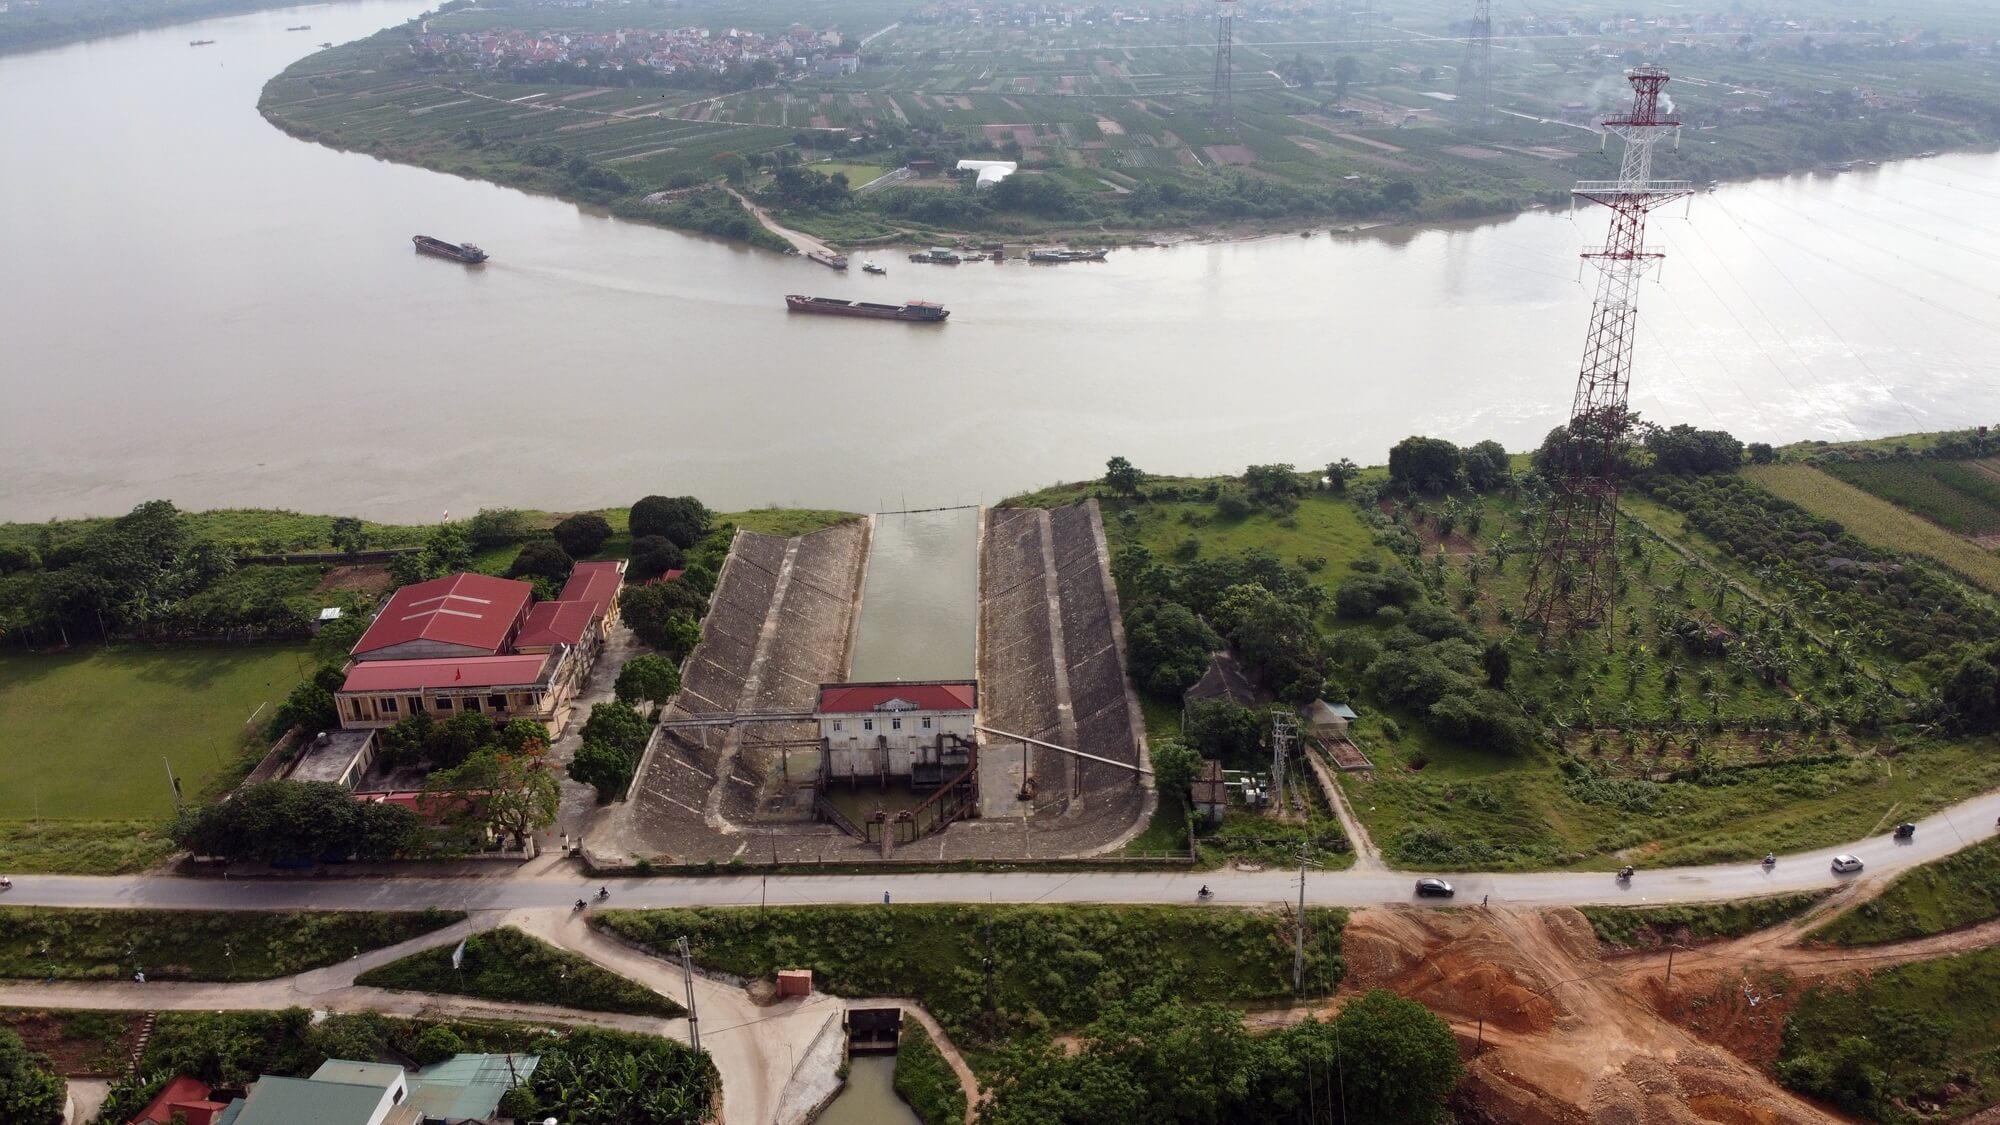 Cầu nằm giữa khu vực trạm bơm Hồng Vân và phà Mễ Sở tiếp nối lộ trình tuyến đường vành đai 4.